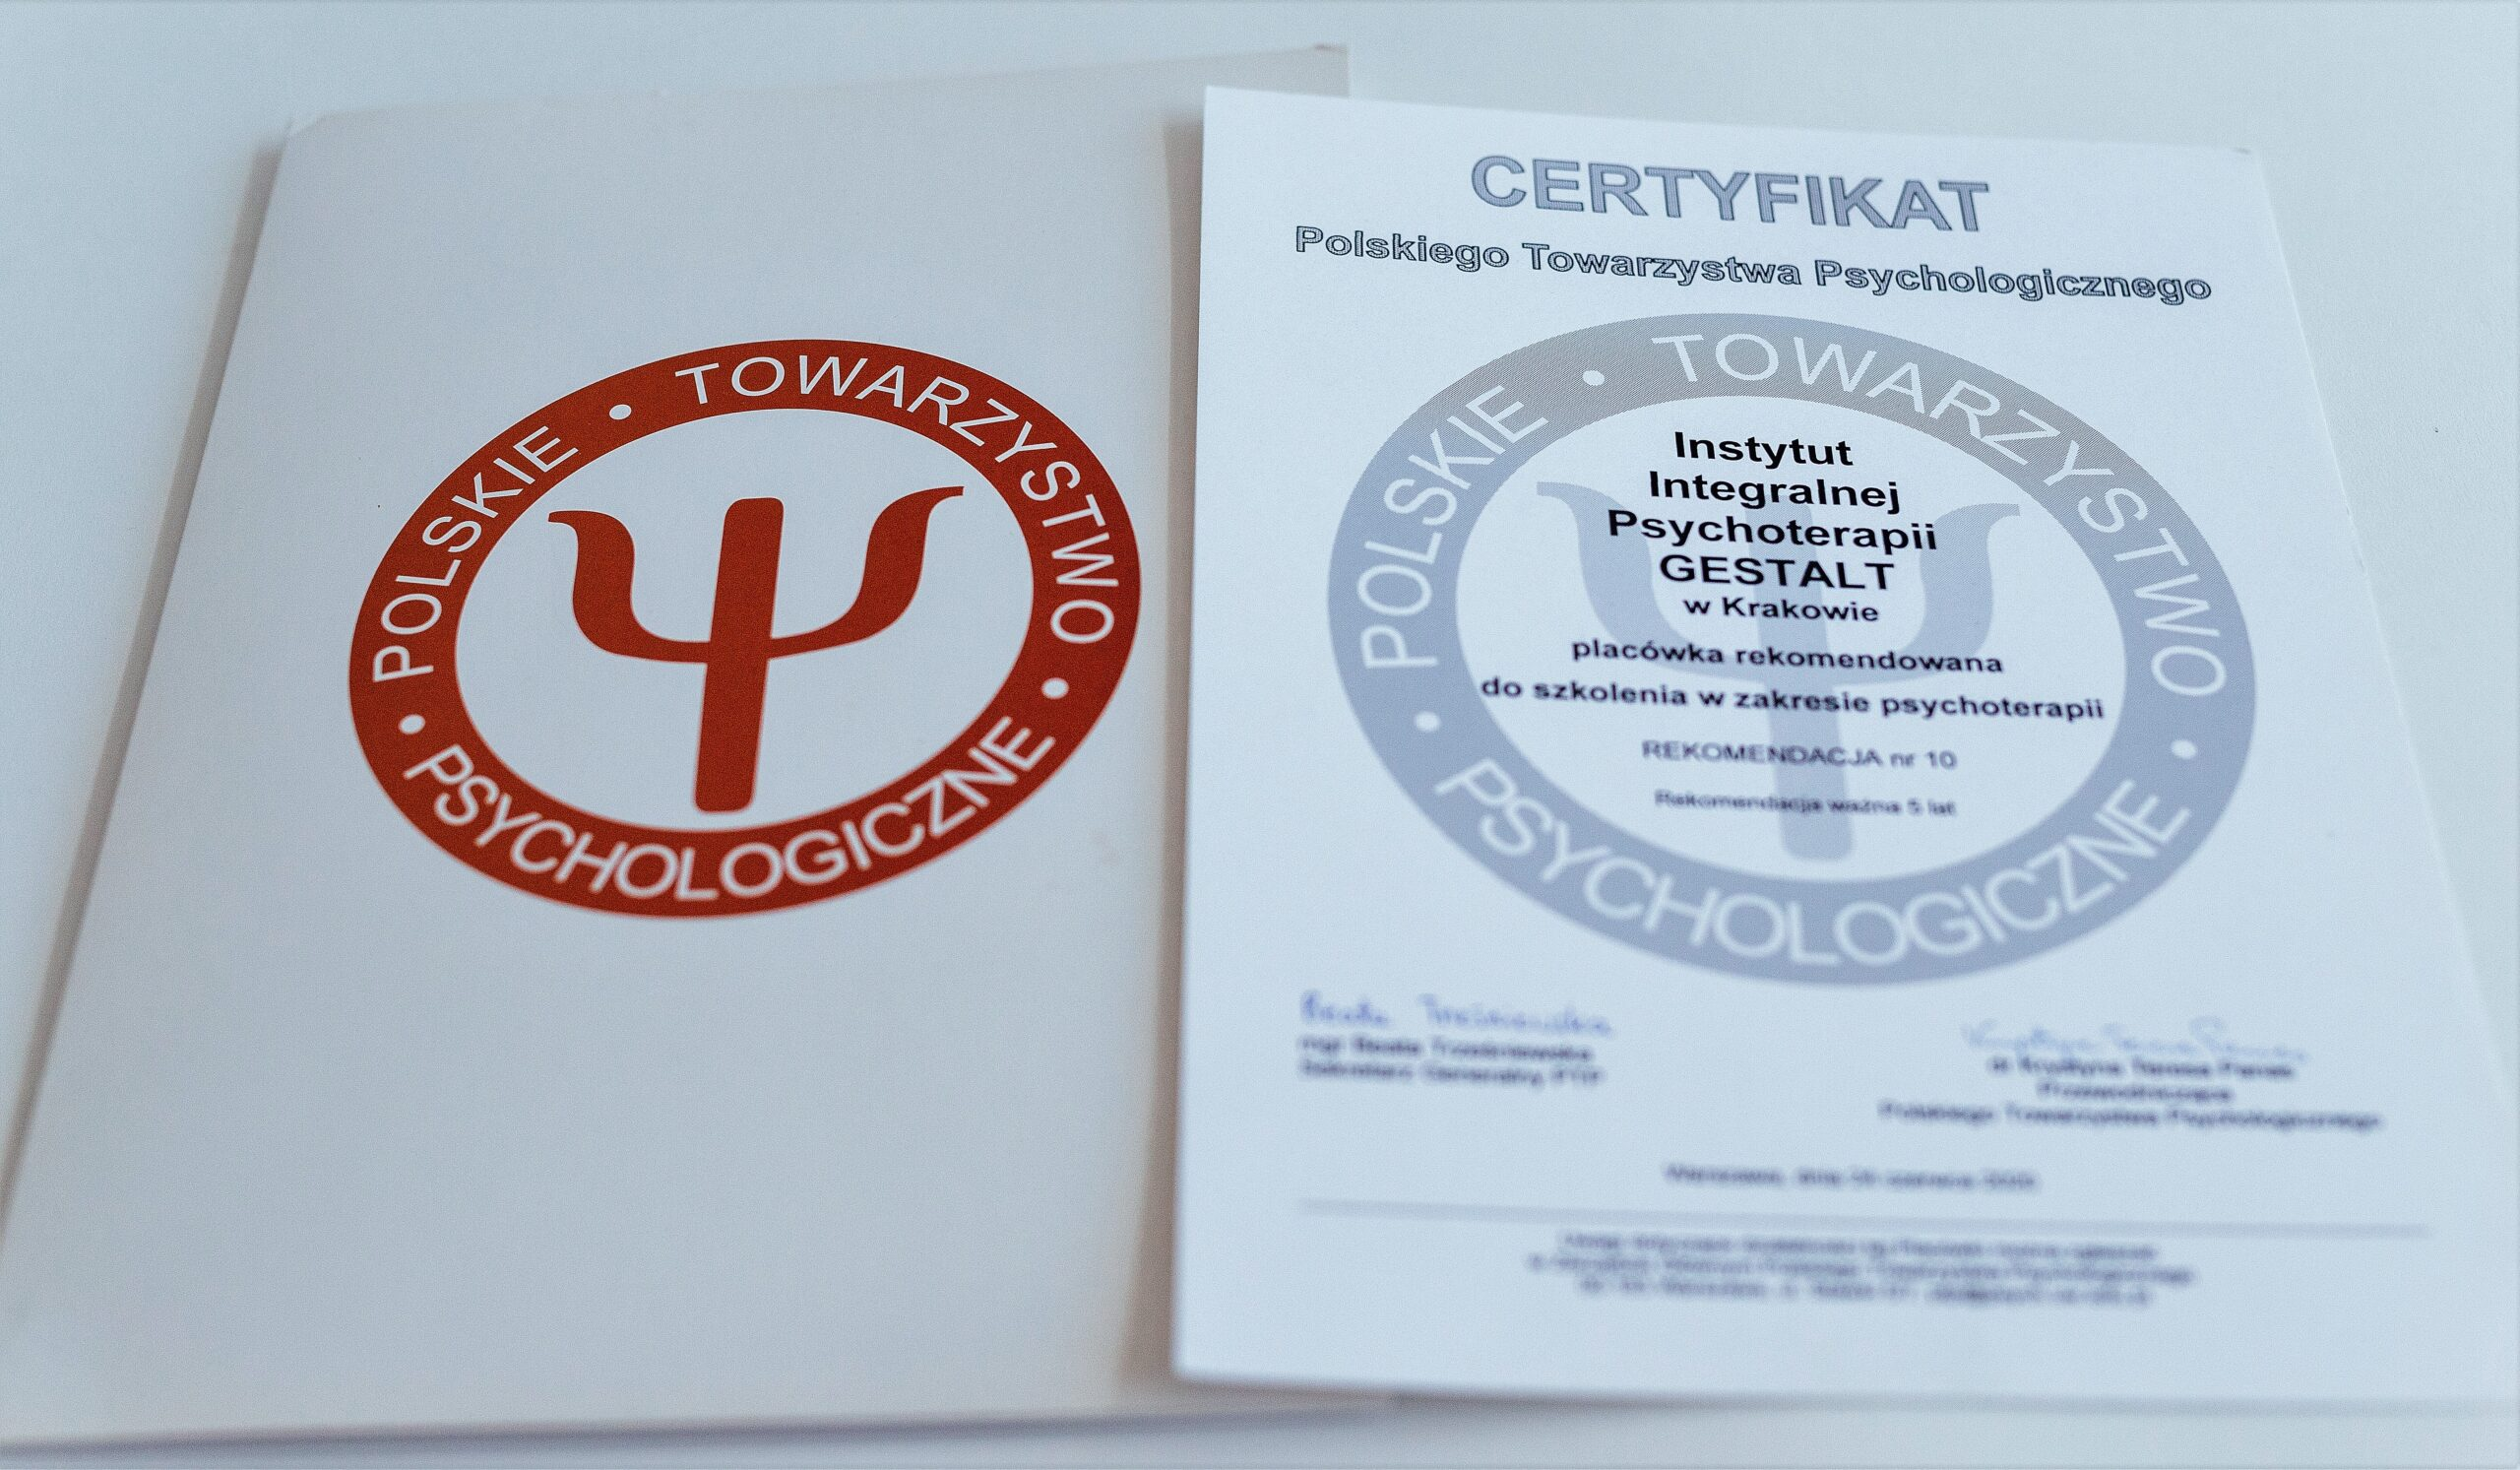 Rekomendacja programu szkoleniowego w Polskim Towarzystwie Psychologicznym